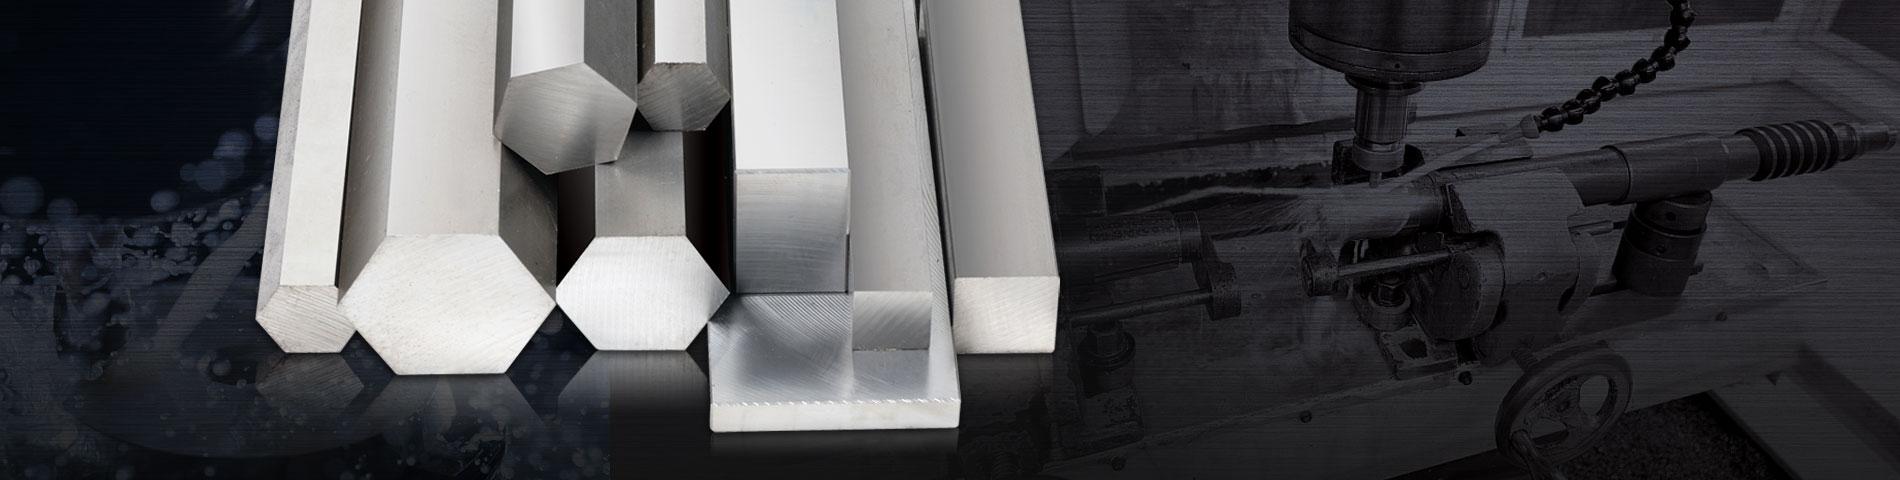 鋼材供應 與 加工服務整合